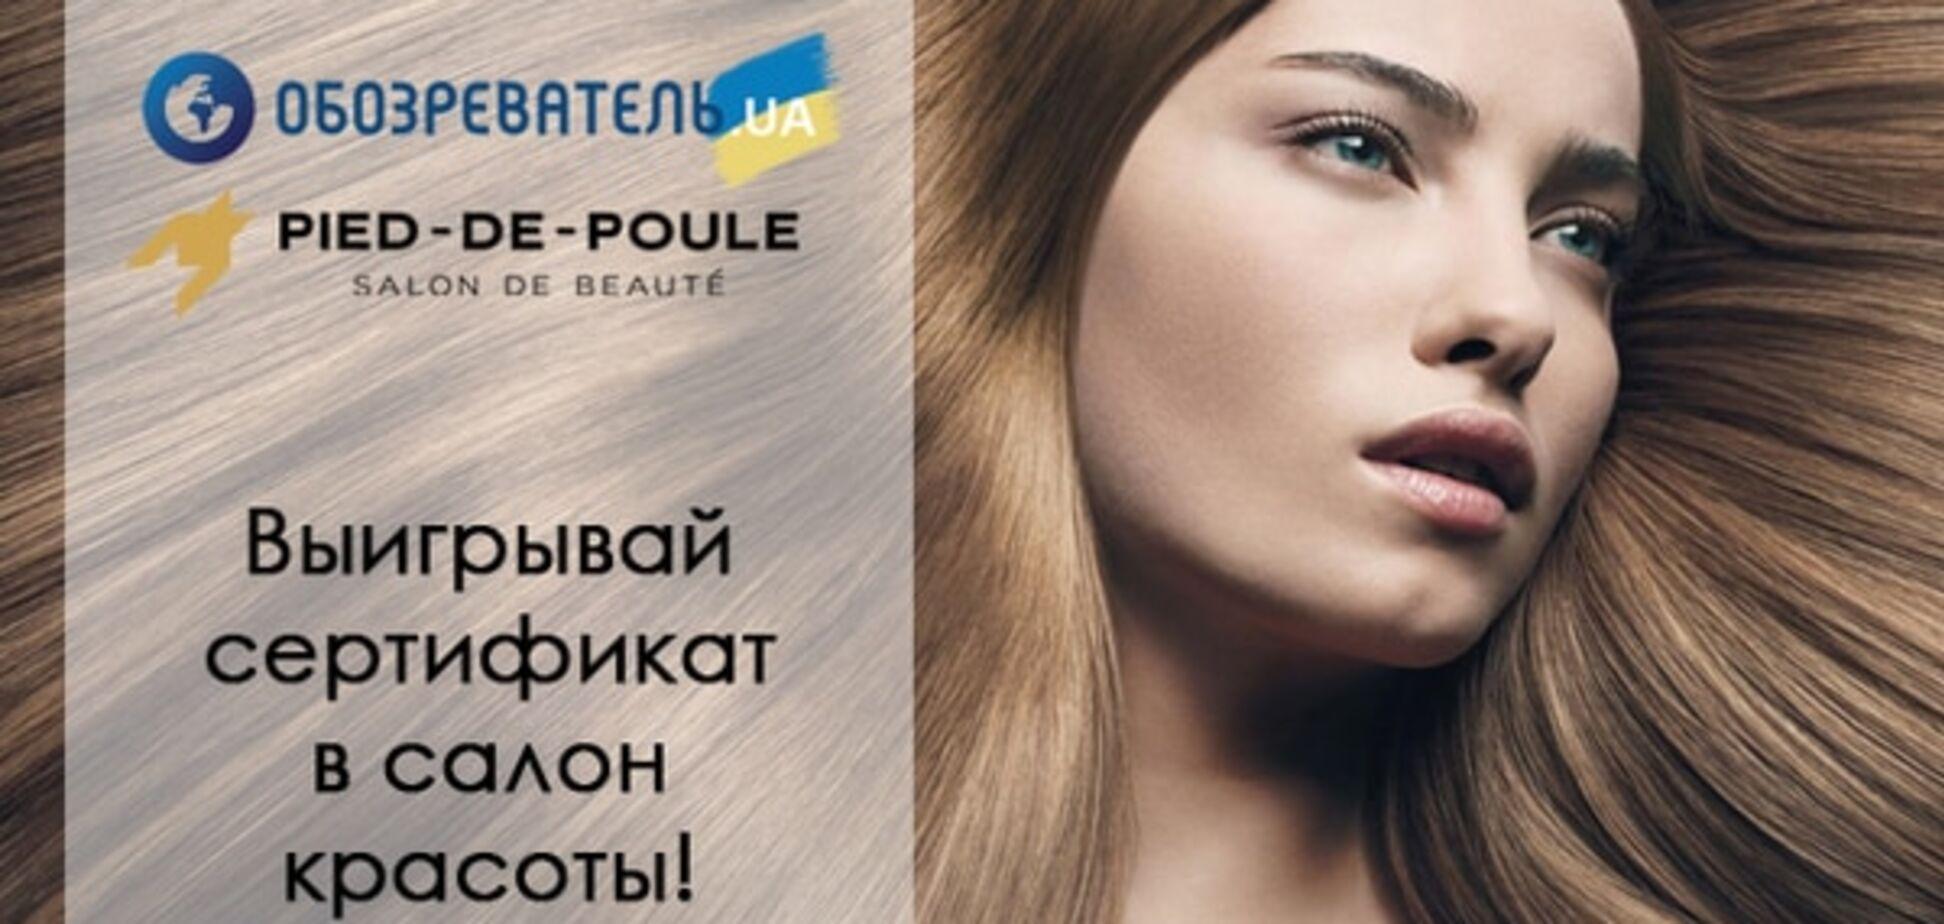 Поделись секретом красоты и выиграй сертификат на укладку волос!